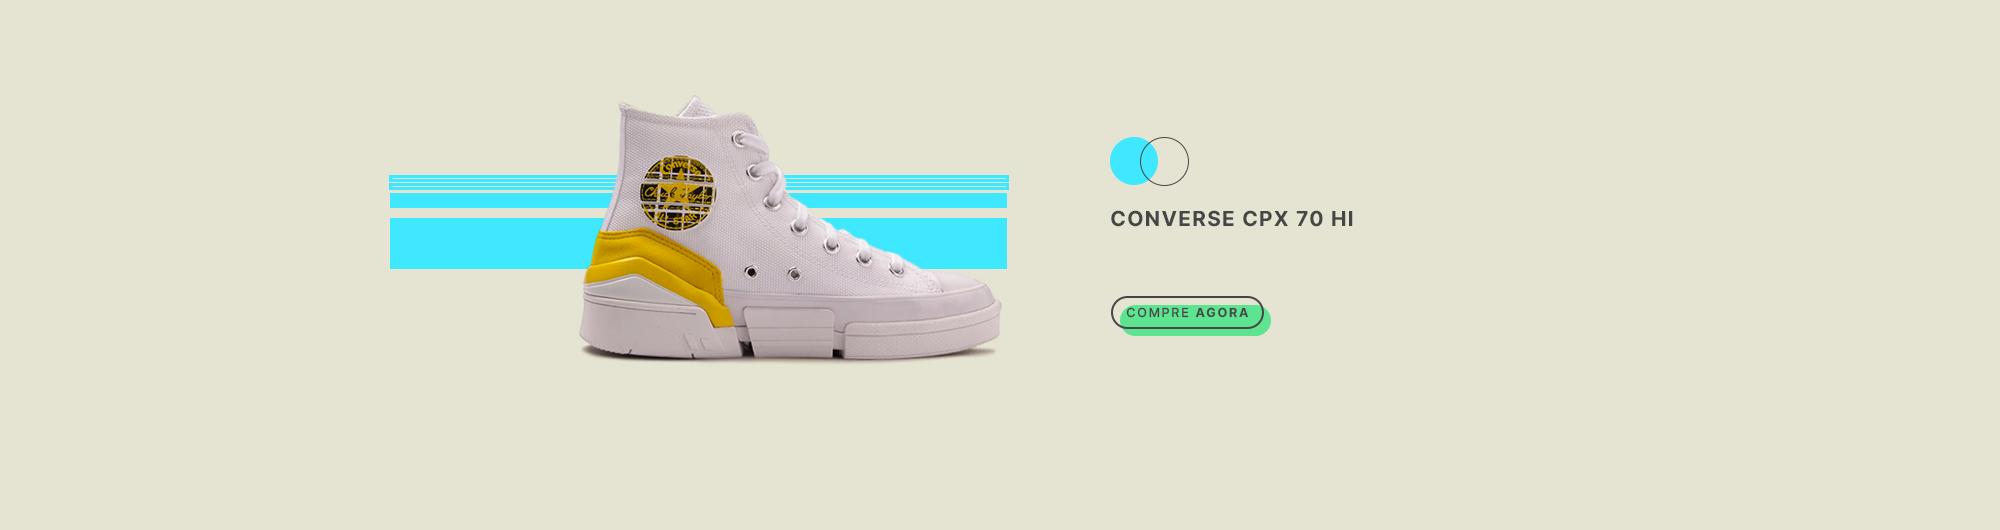 tenis-converse-cpx70-hi